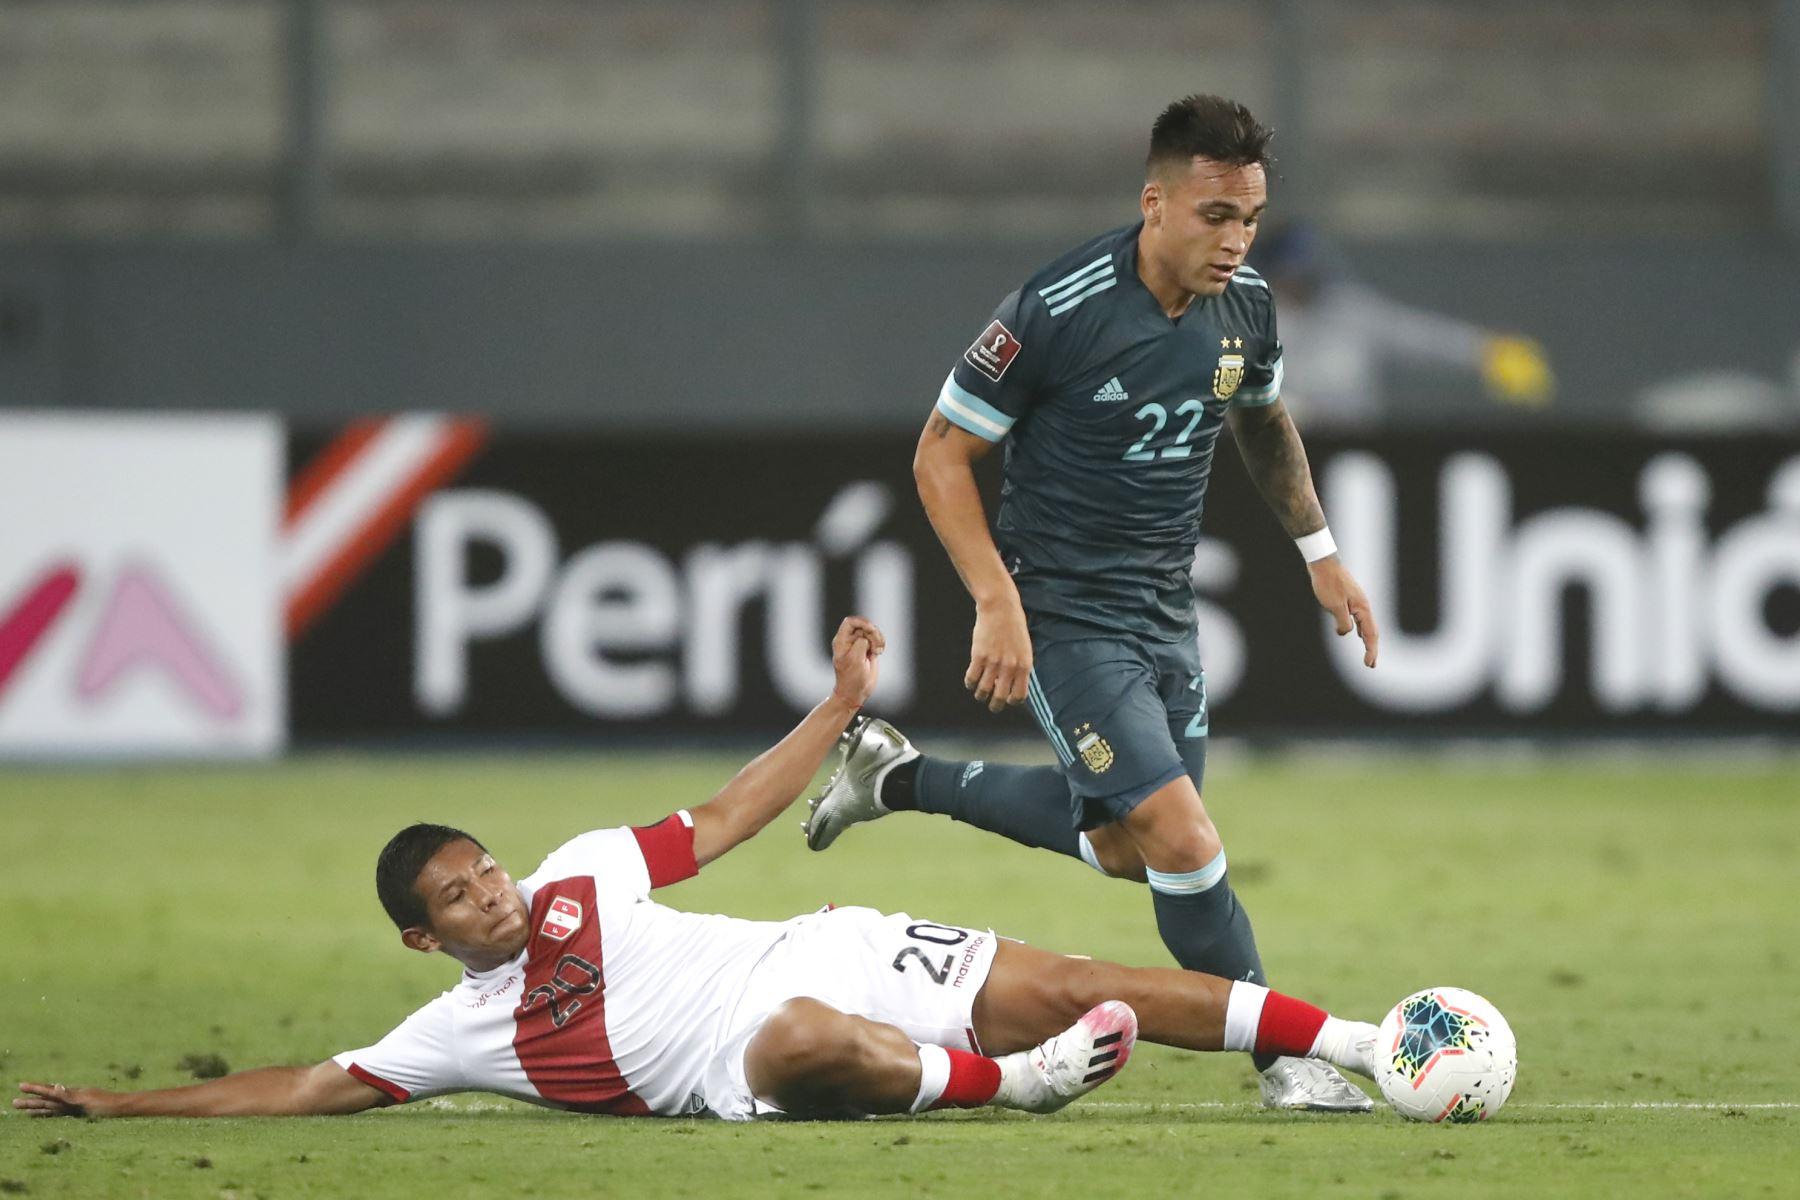 Edison Flores pelea por el balón. Argentina derrota 2 a 0 a la selección de Perú.  Foto: Pool FPF